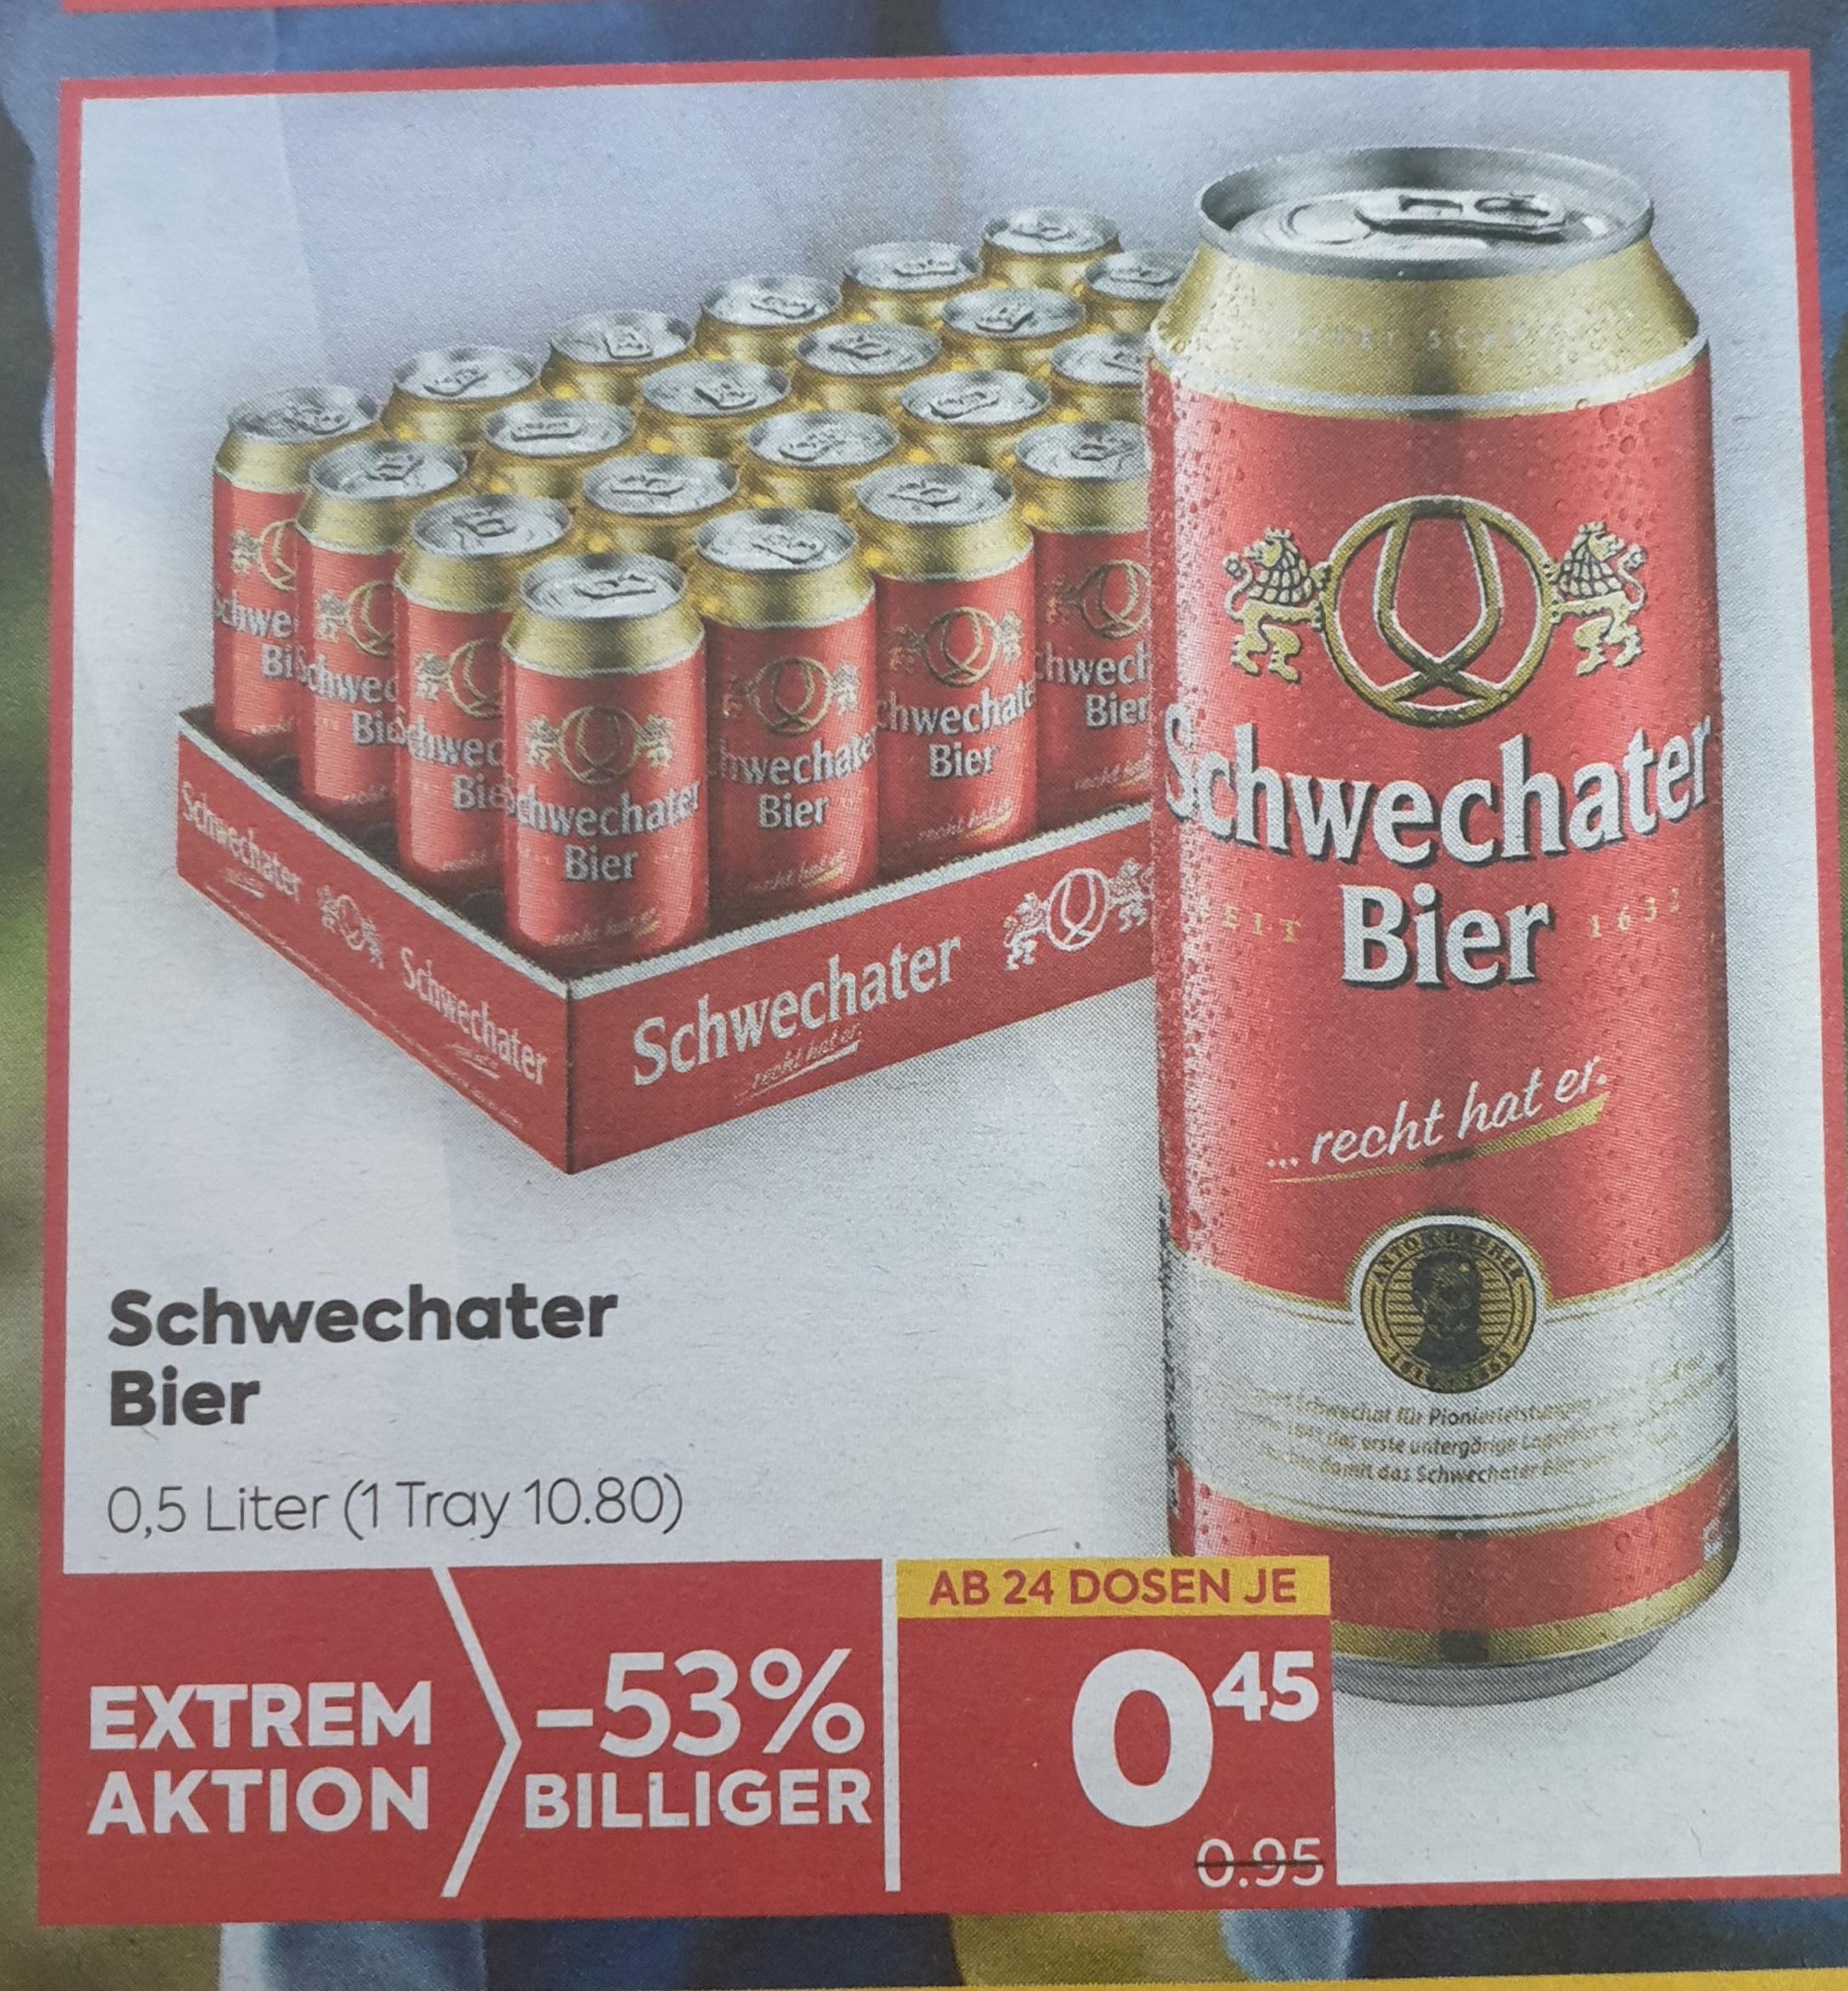 Schwechater Dosenbier um 0,45 Euro